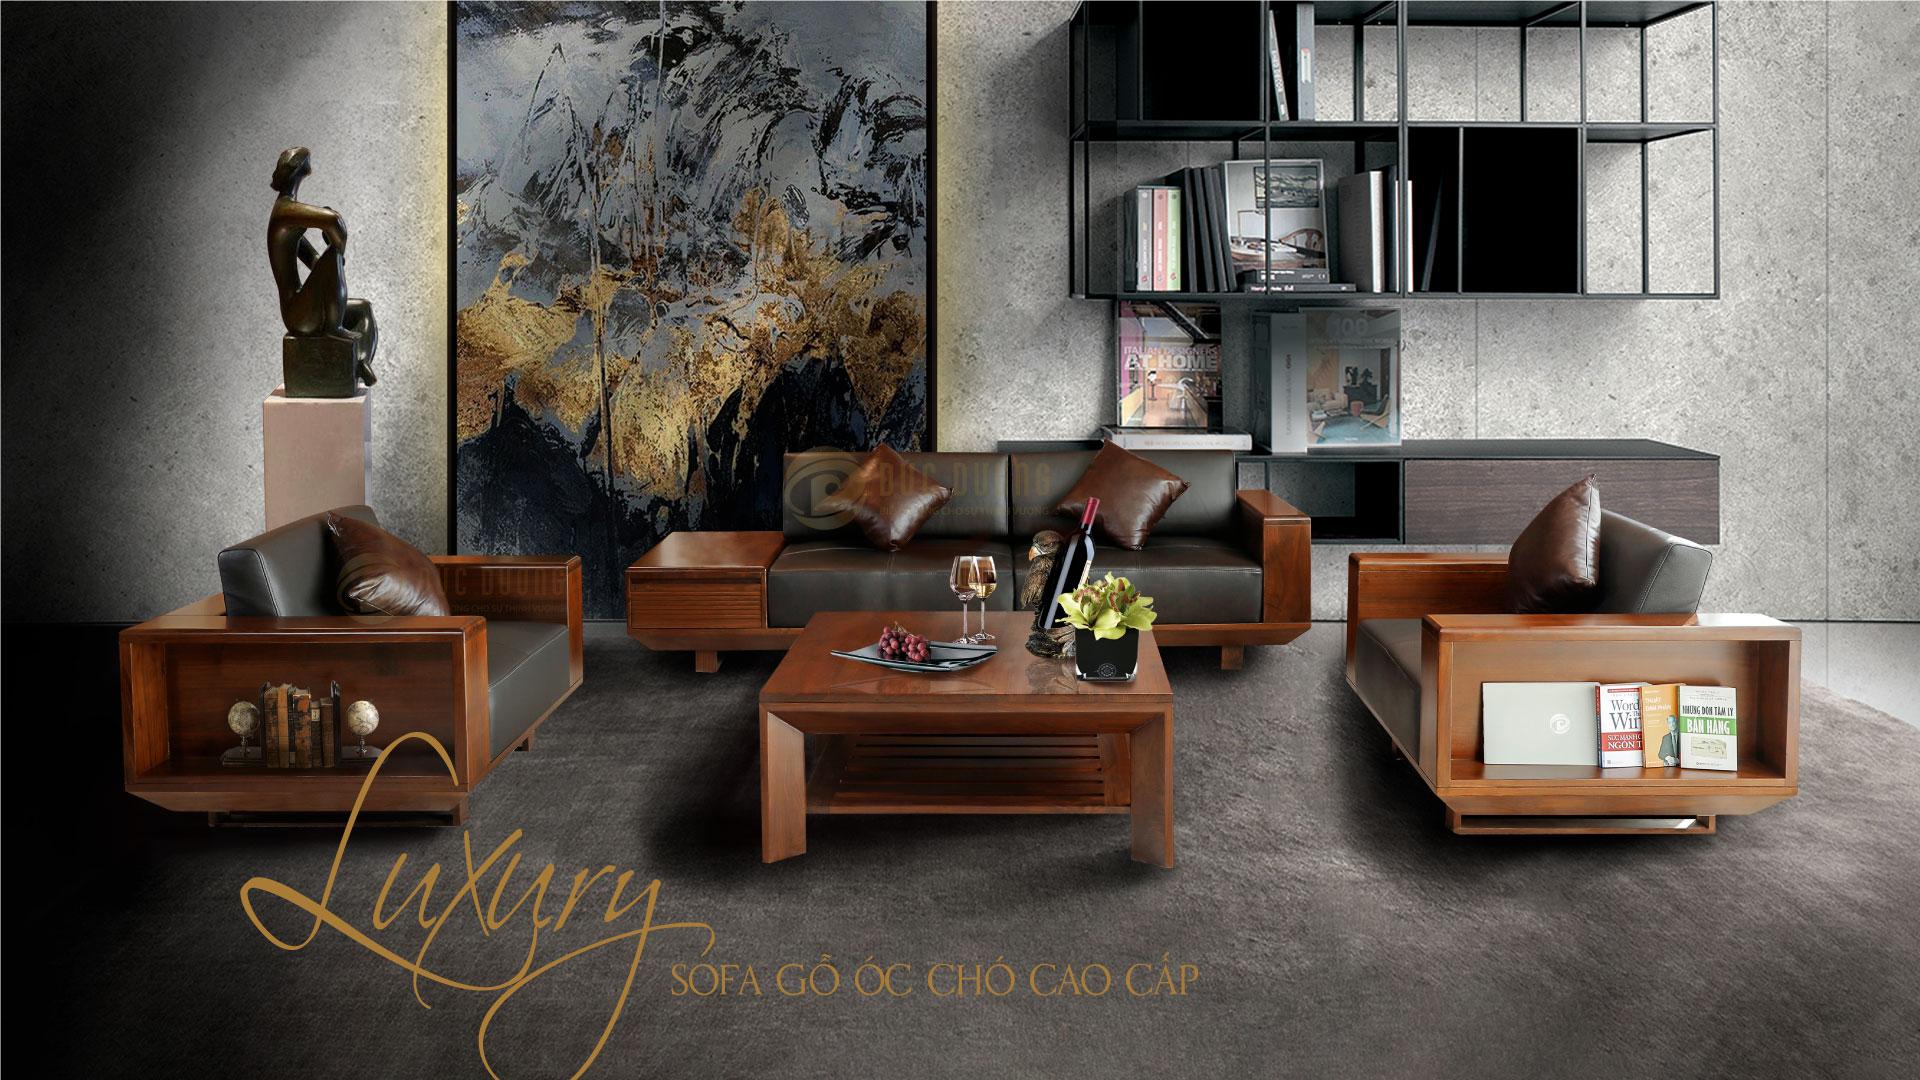 Sofa Luxury